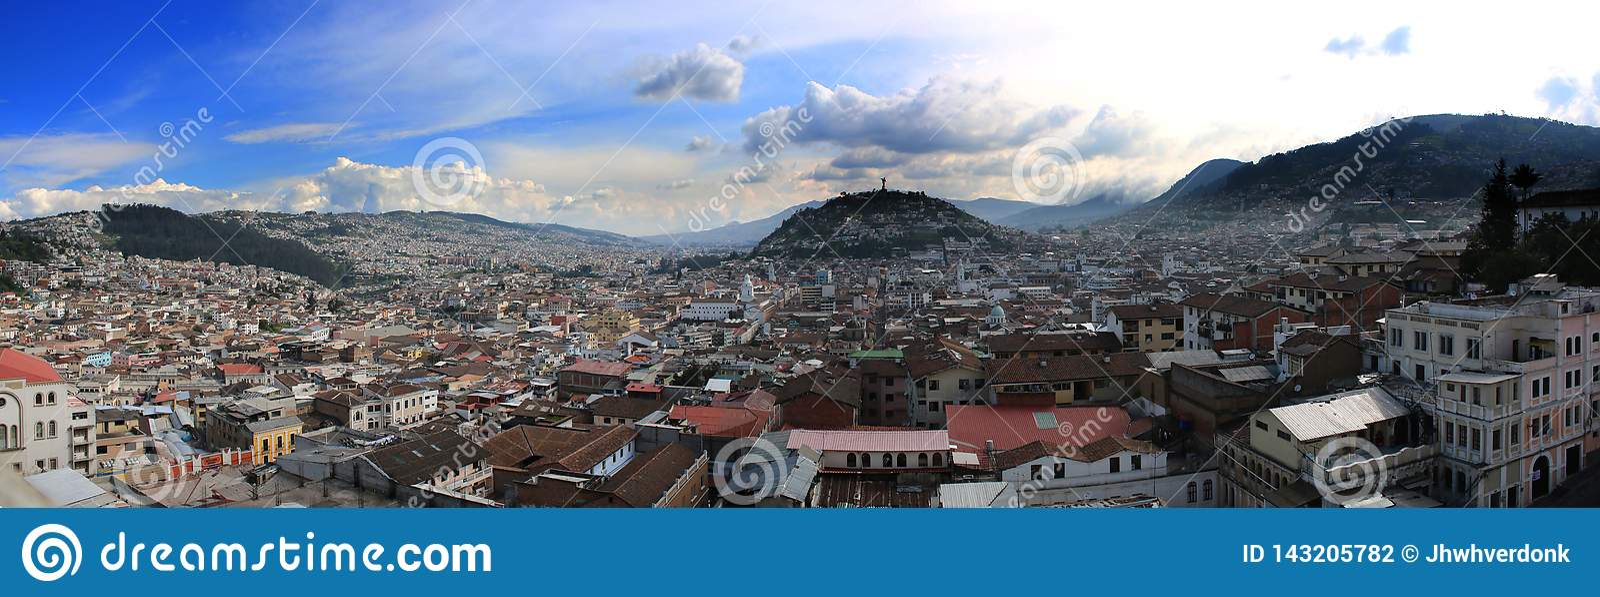 Panorama pokazuje drugi co do wielkości statuę Ameryka Południowa przy tłem z niebieskim niebem Quito